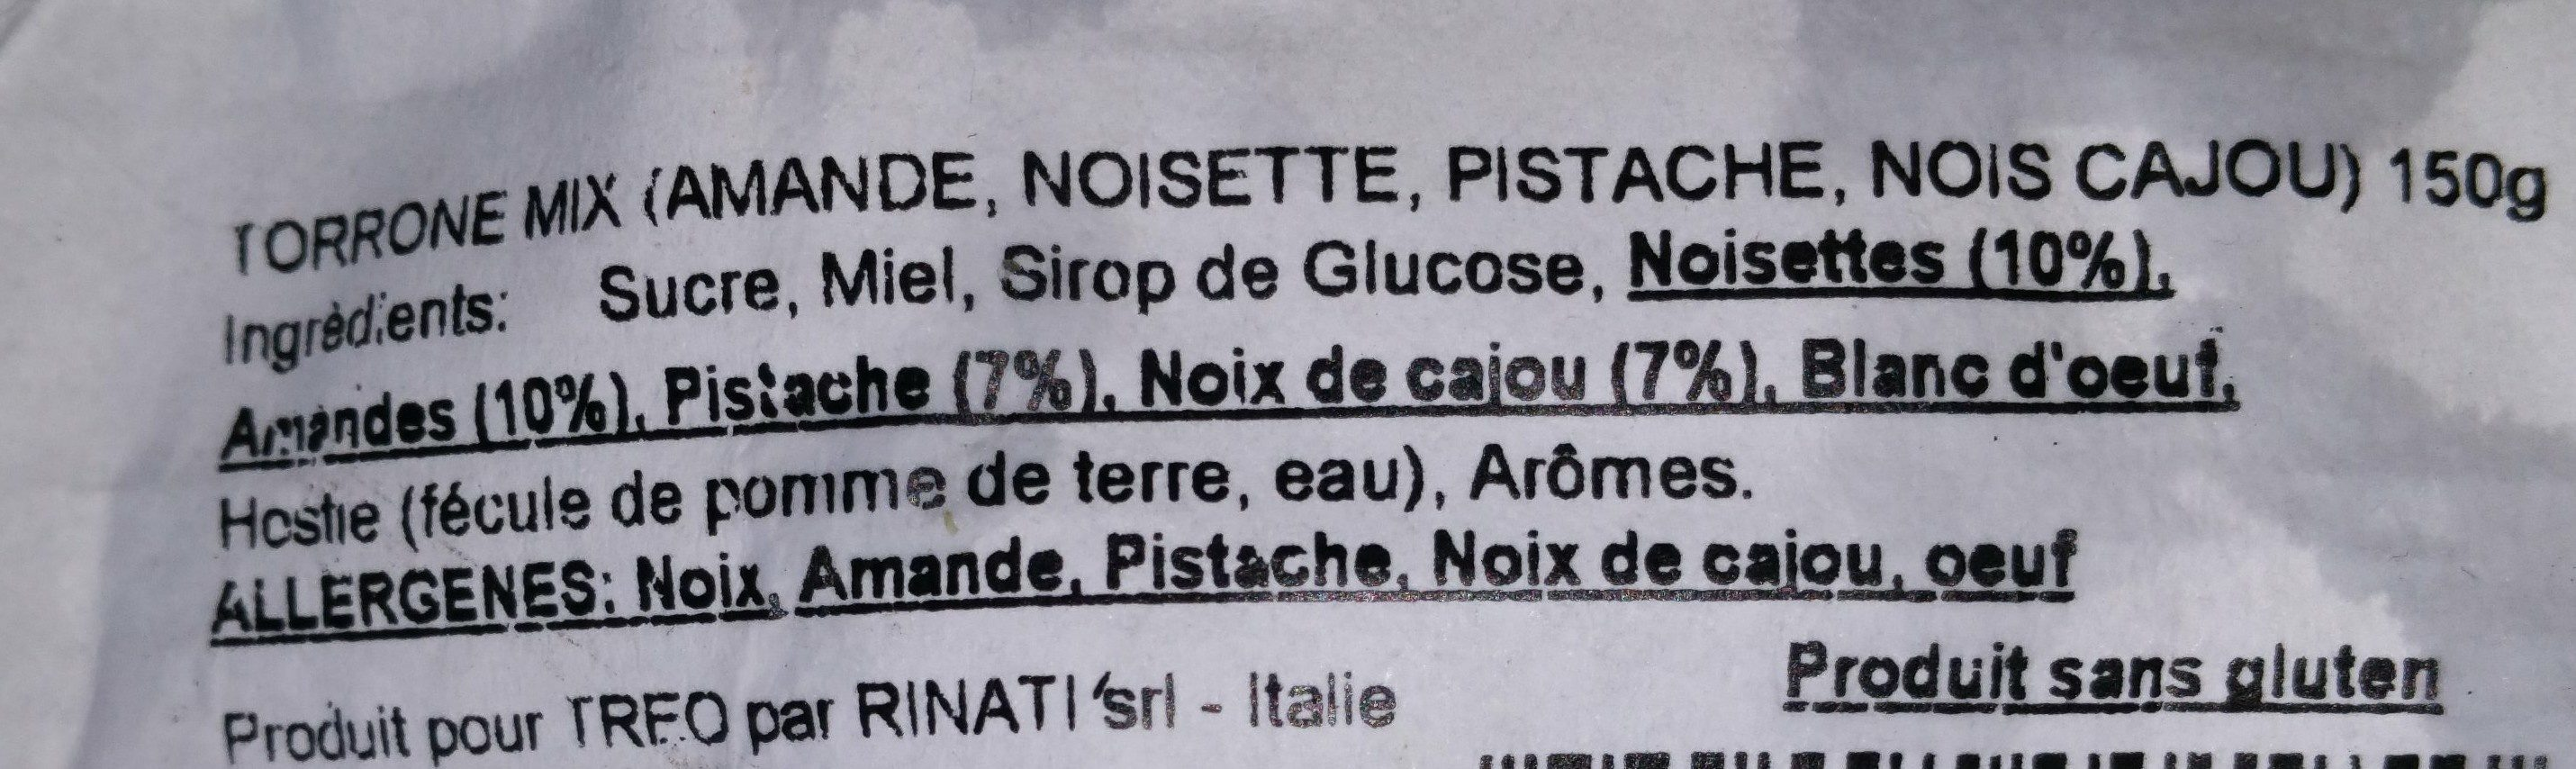 Torrone mix - Ingredients - fr